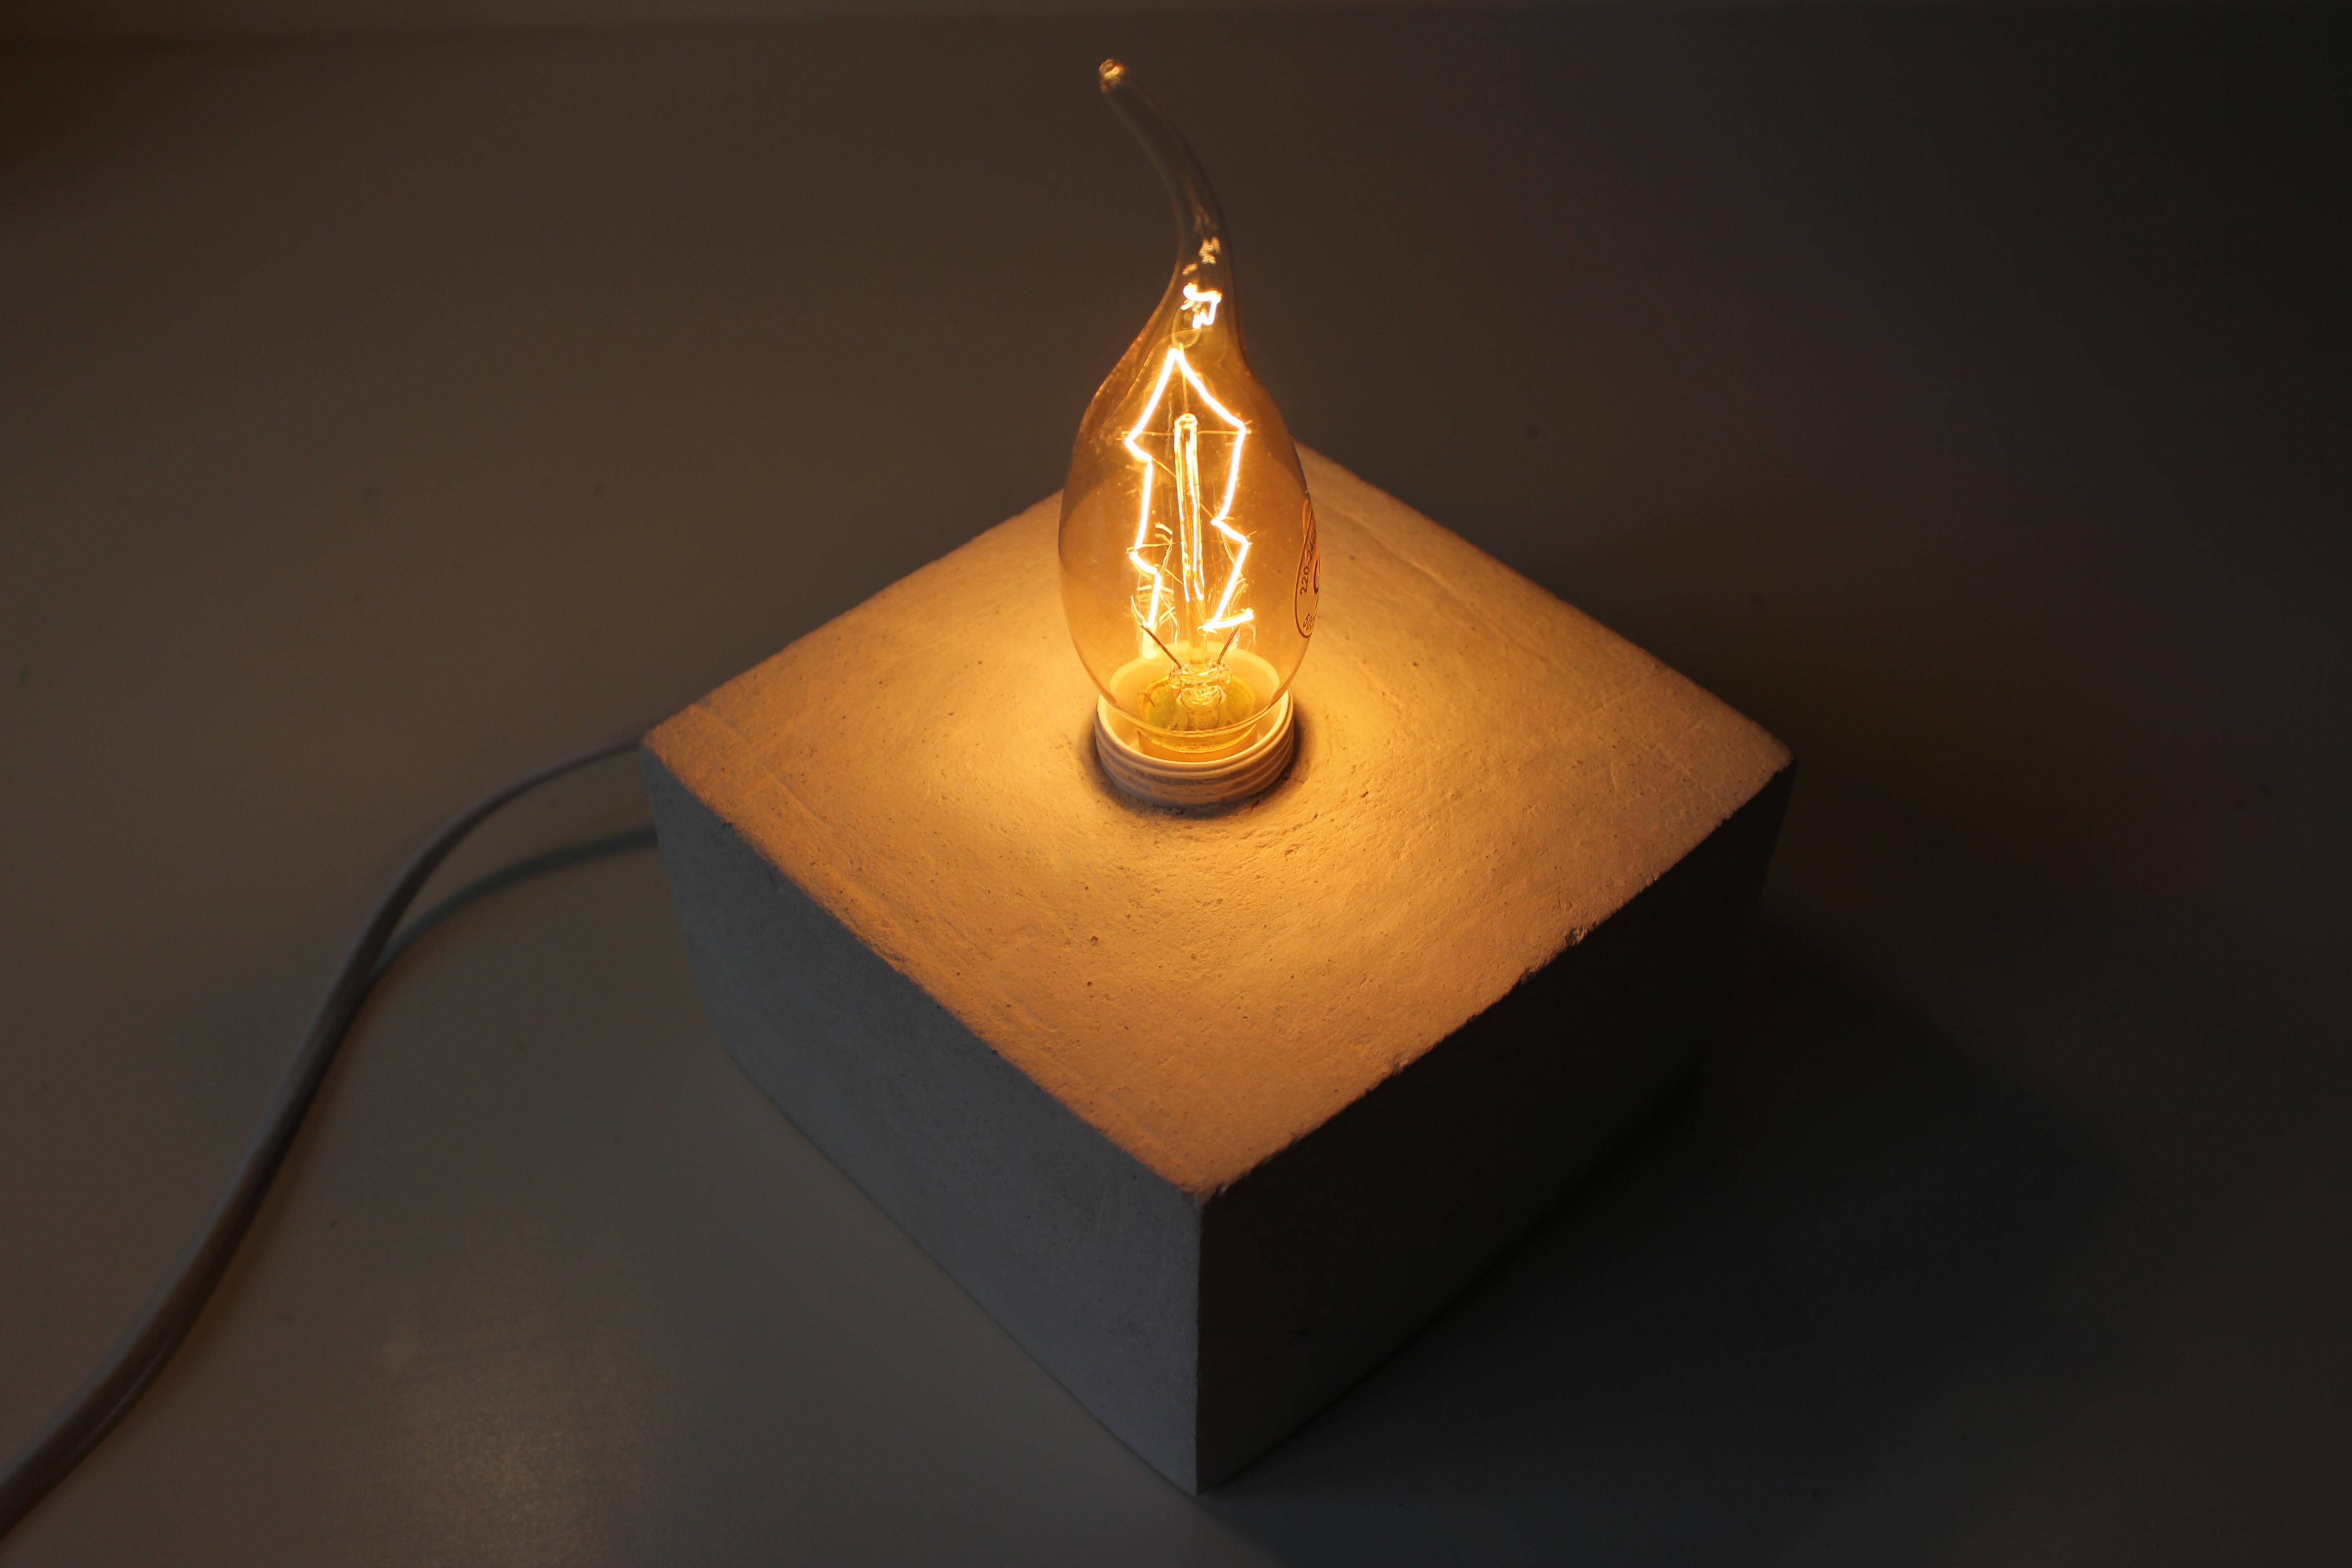 Meine Liebe Zu Beton. Und Diesmal Bin Ich Besonders Stolz Auf Mein Projekt,  Die Selbstgemachte Lampe Ist Ein Toller Blickfang Auf Meinem Nachttisch Und  Wird ...